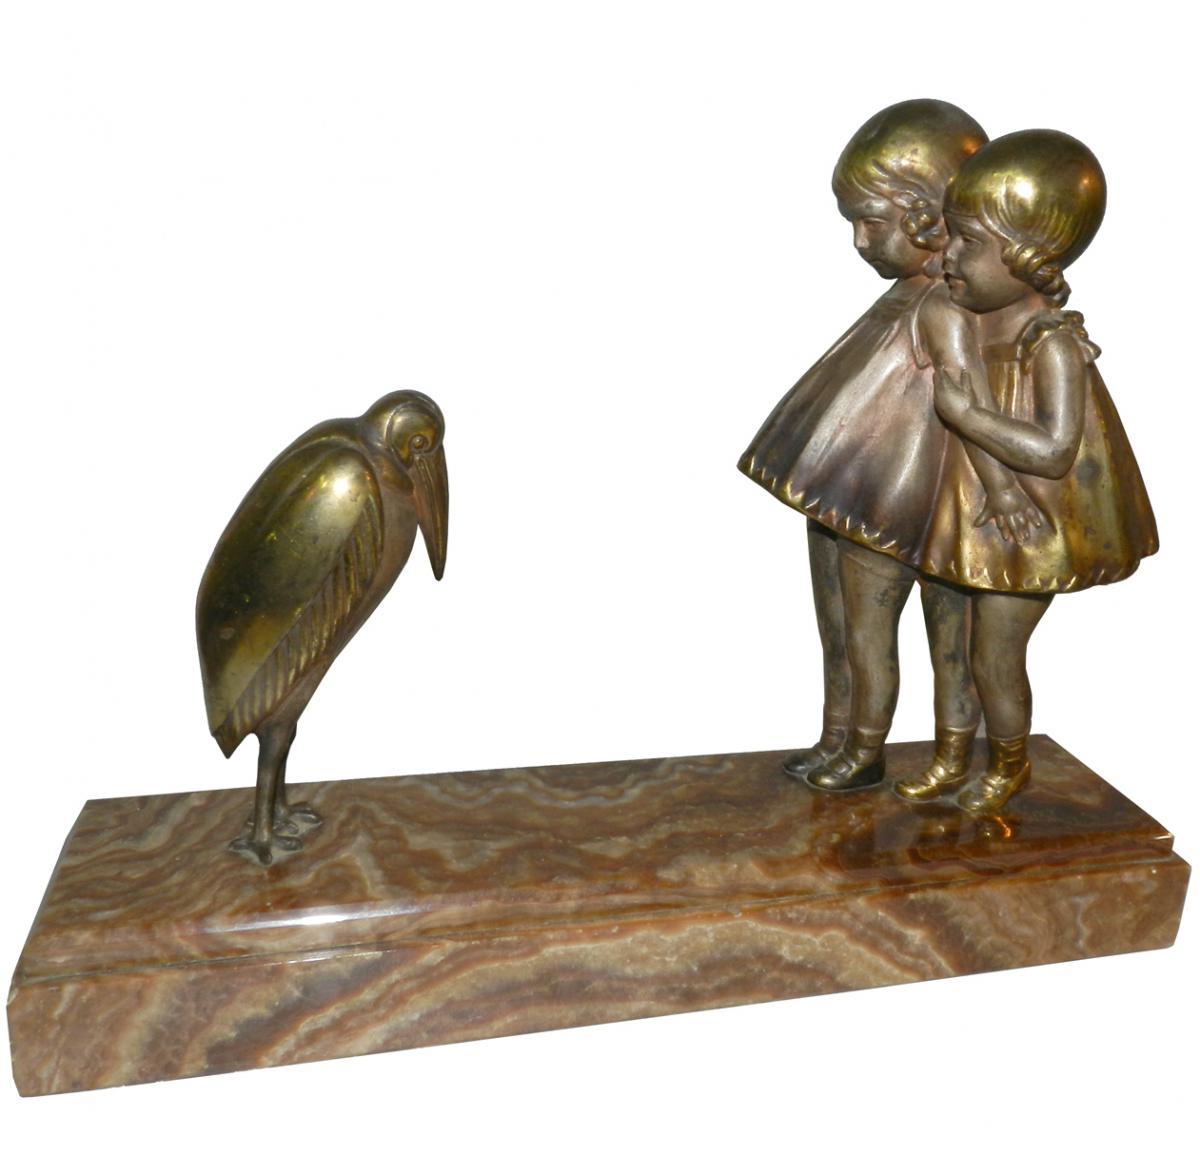 Demetre H Chiparus Art Deco Polychrome Sculpture Modernism